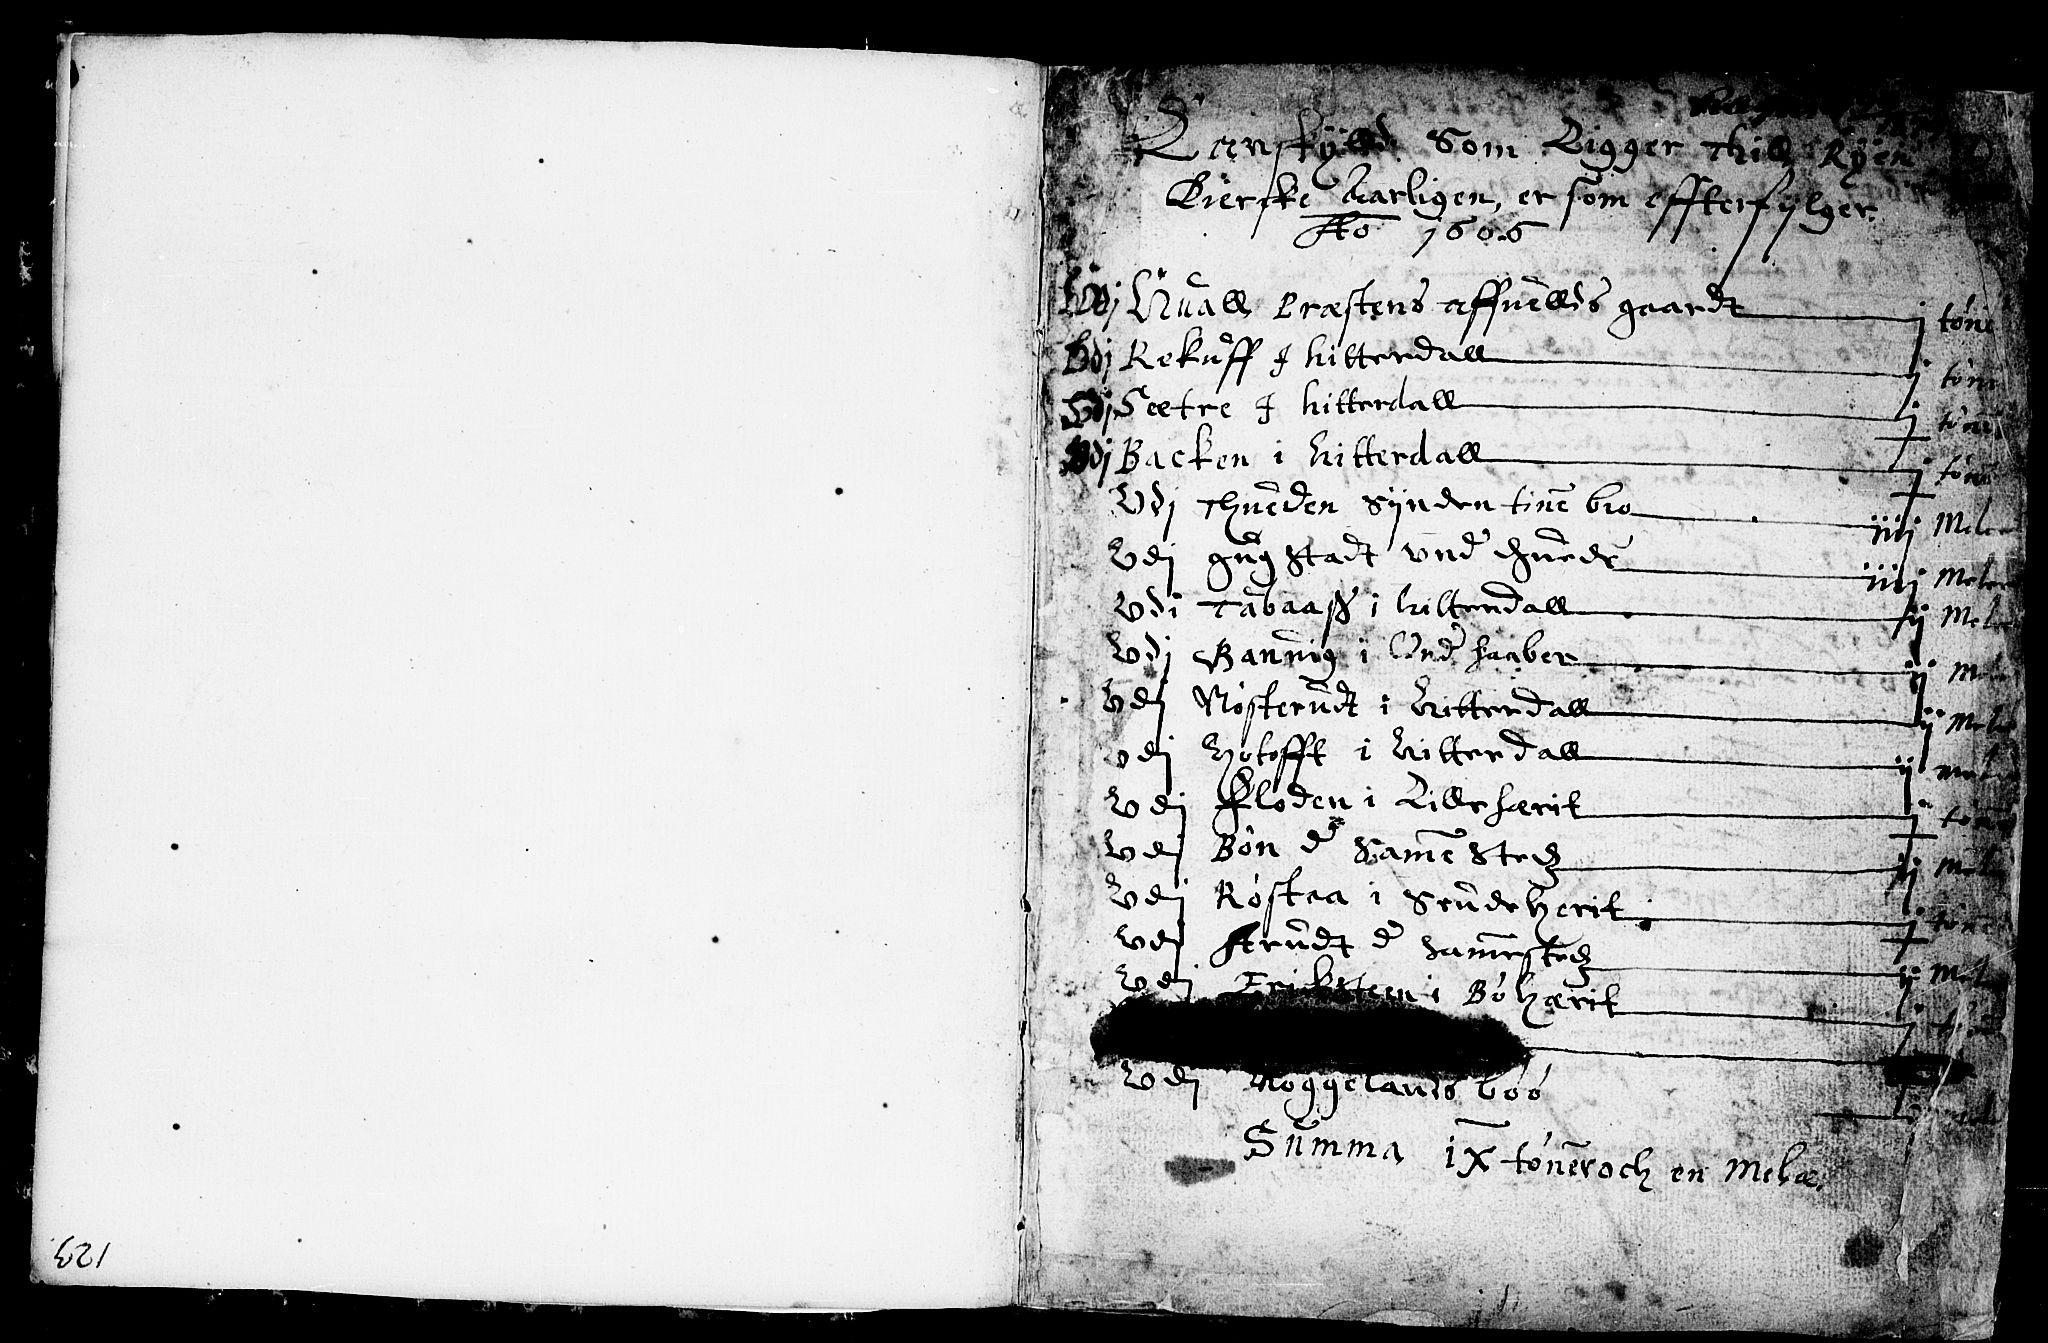 SAKO, Heddal kirkebøker, F/Fa/L0001: Ministerialbok nr. I 1, 1648-1699, s. 1